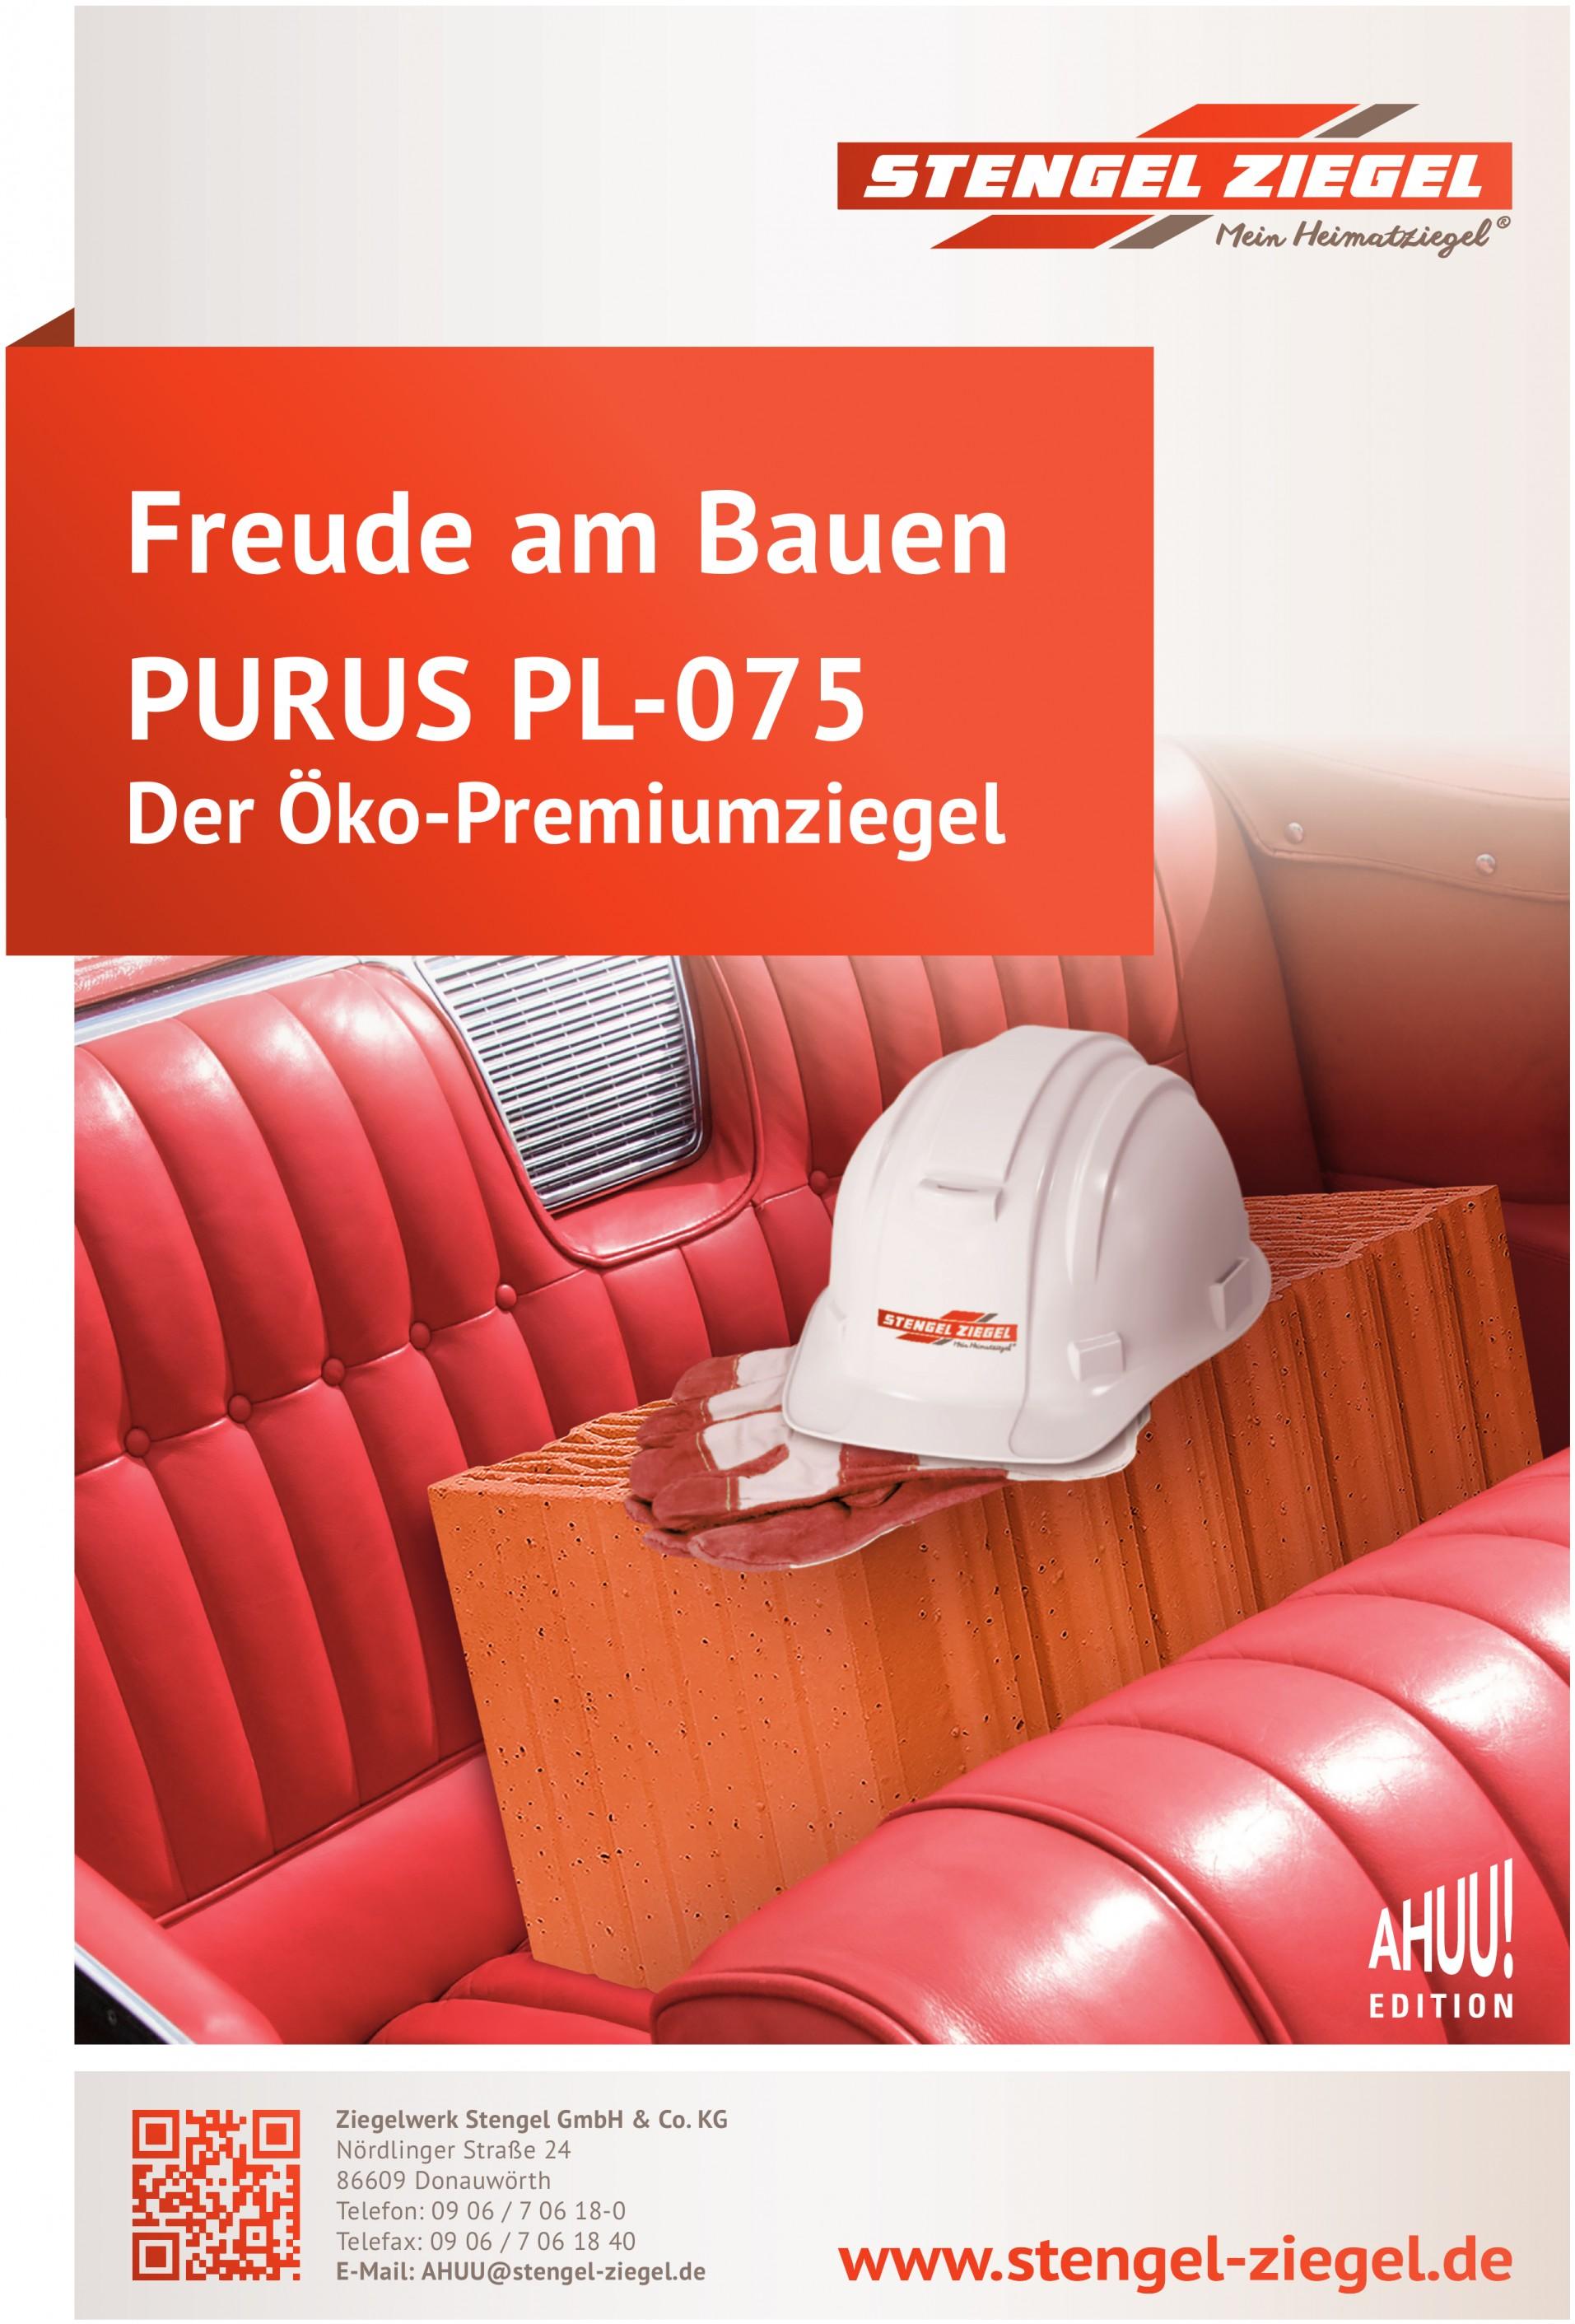 Ziegelwerk Stengel GmbH & Co. KG